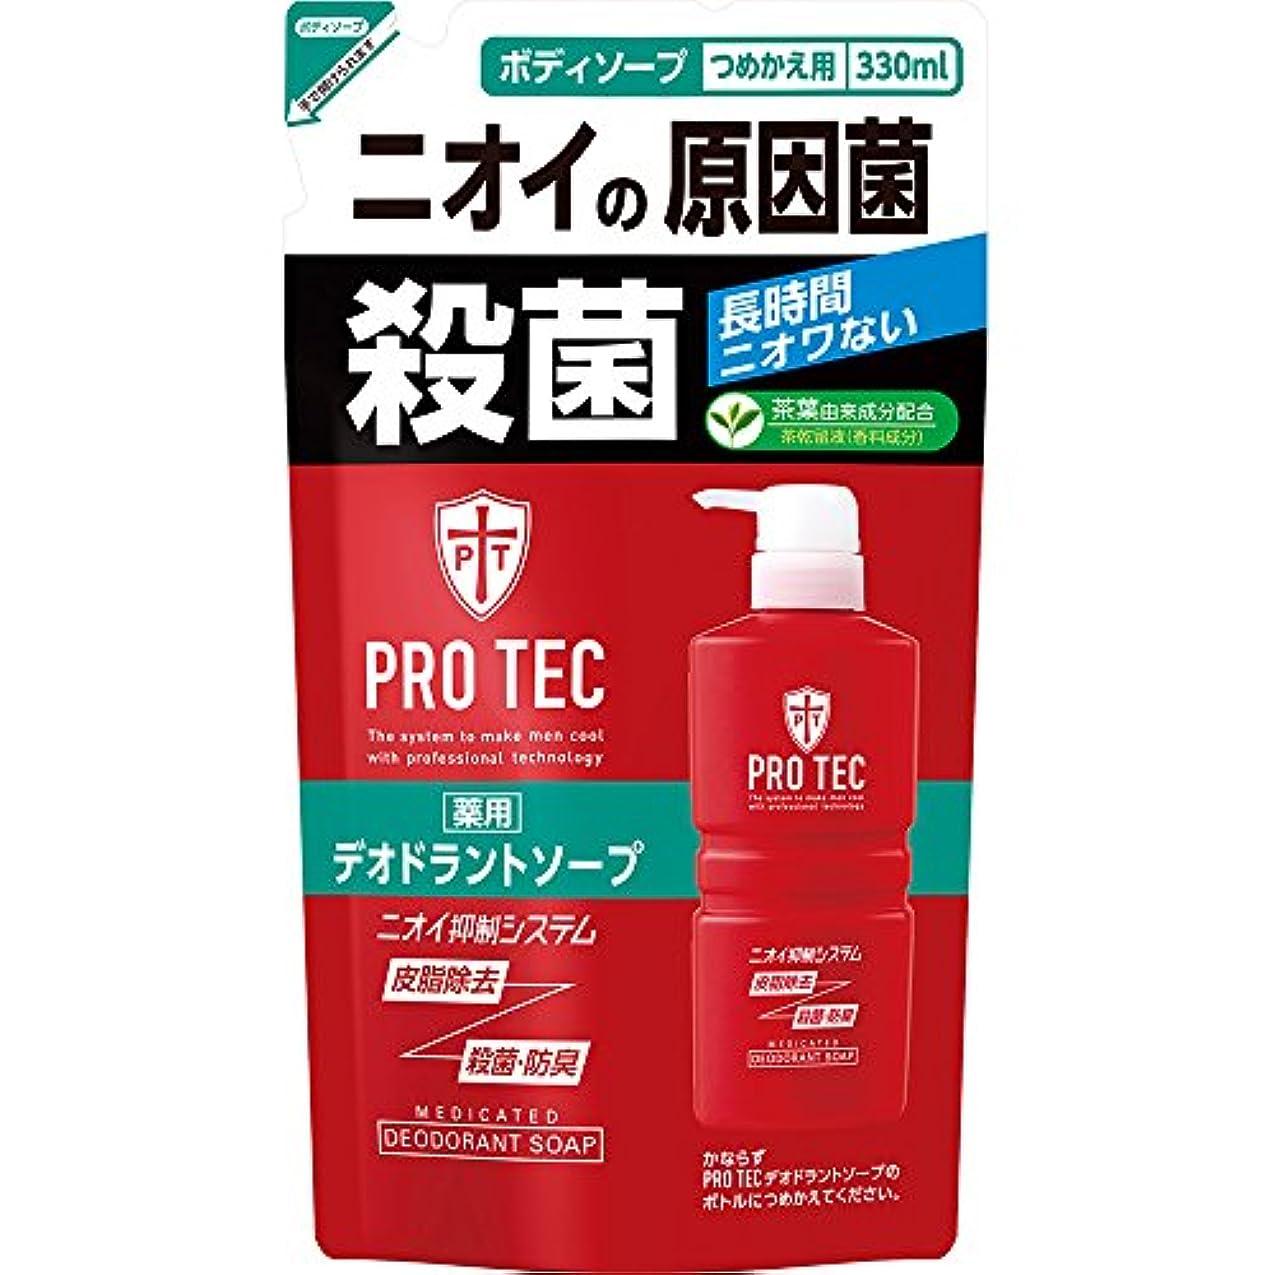 悲鳴億チャームPRO TEC(プロテク) デオドラントソープ 詰め替え 330ml(医薬部外品)